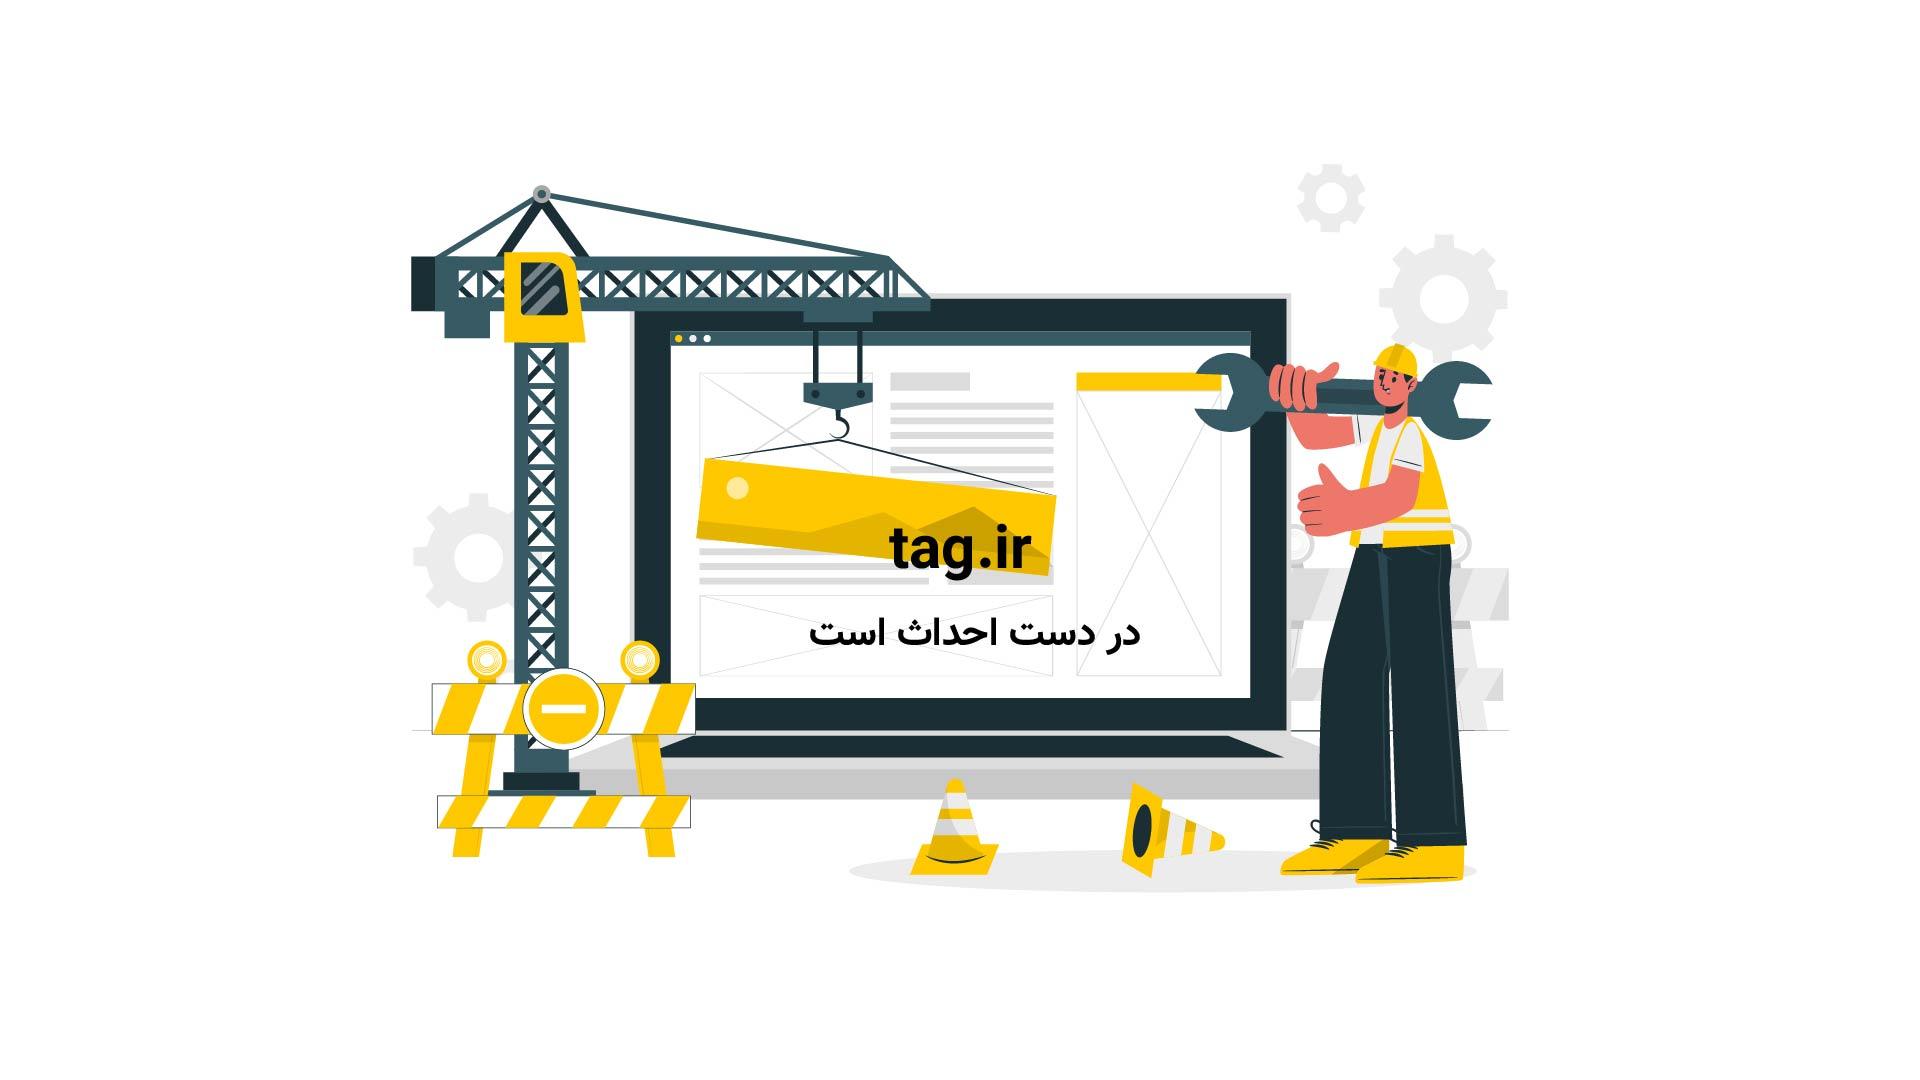 دریاچه کوه گل | تگ